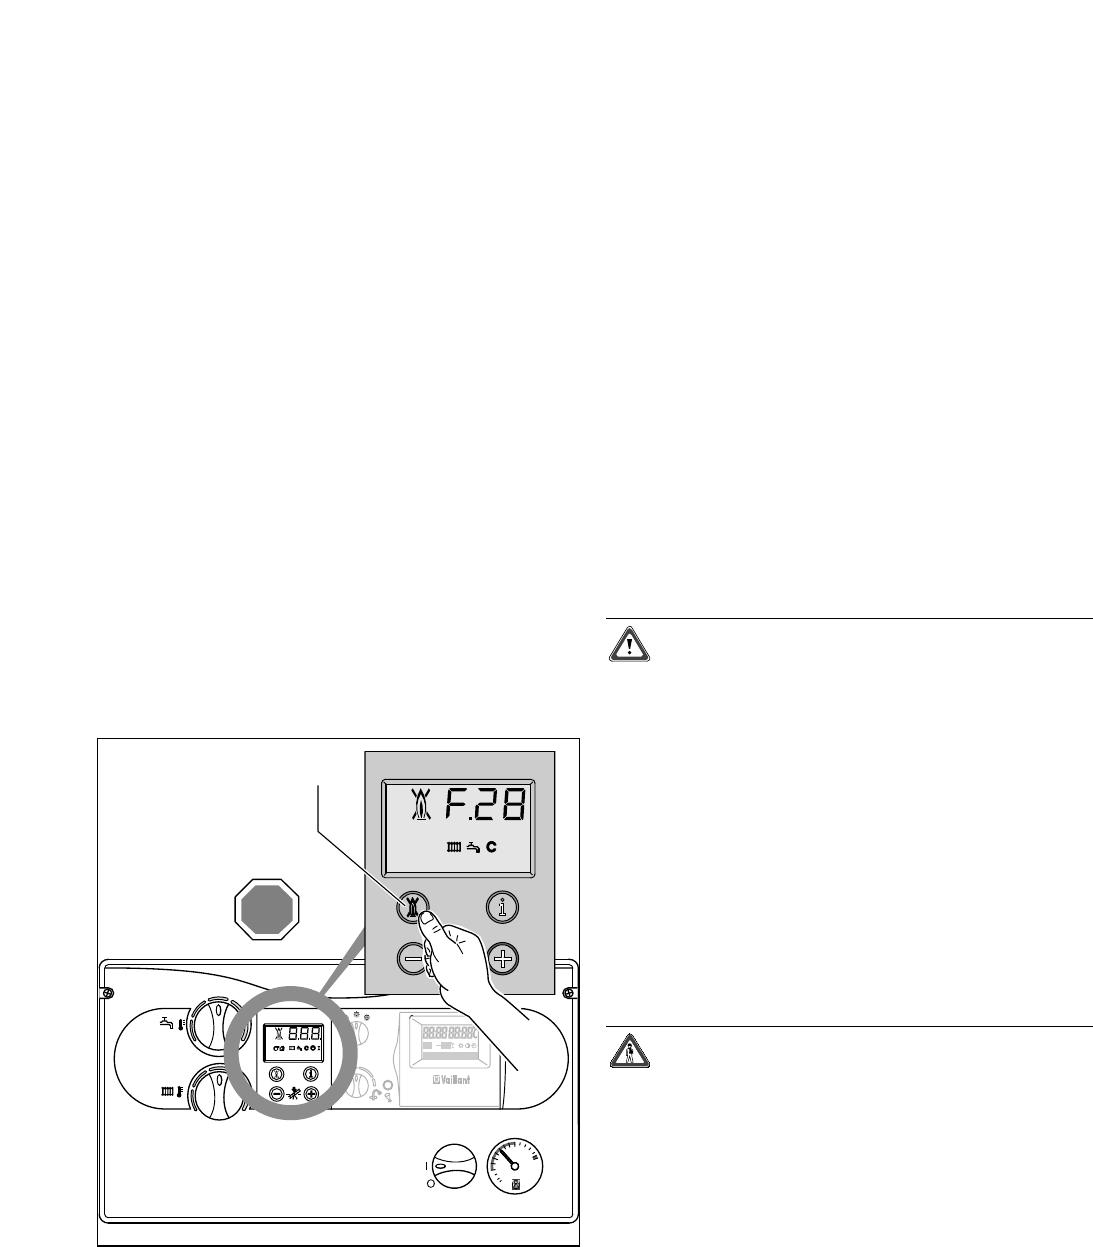 bedienungsanleitung vaillant atmotec classic seite 17 von. Black Bedroom Furniture Sets. Home Design Ideas